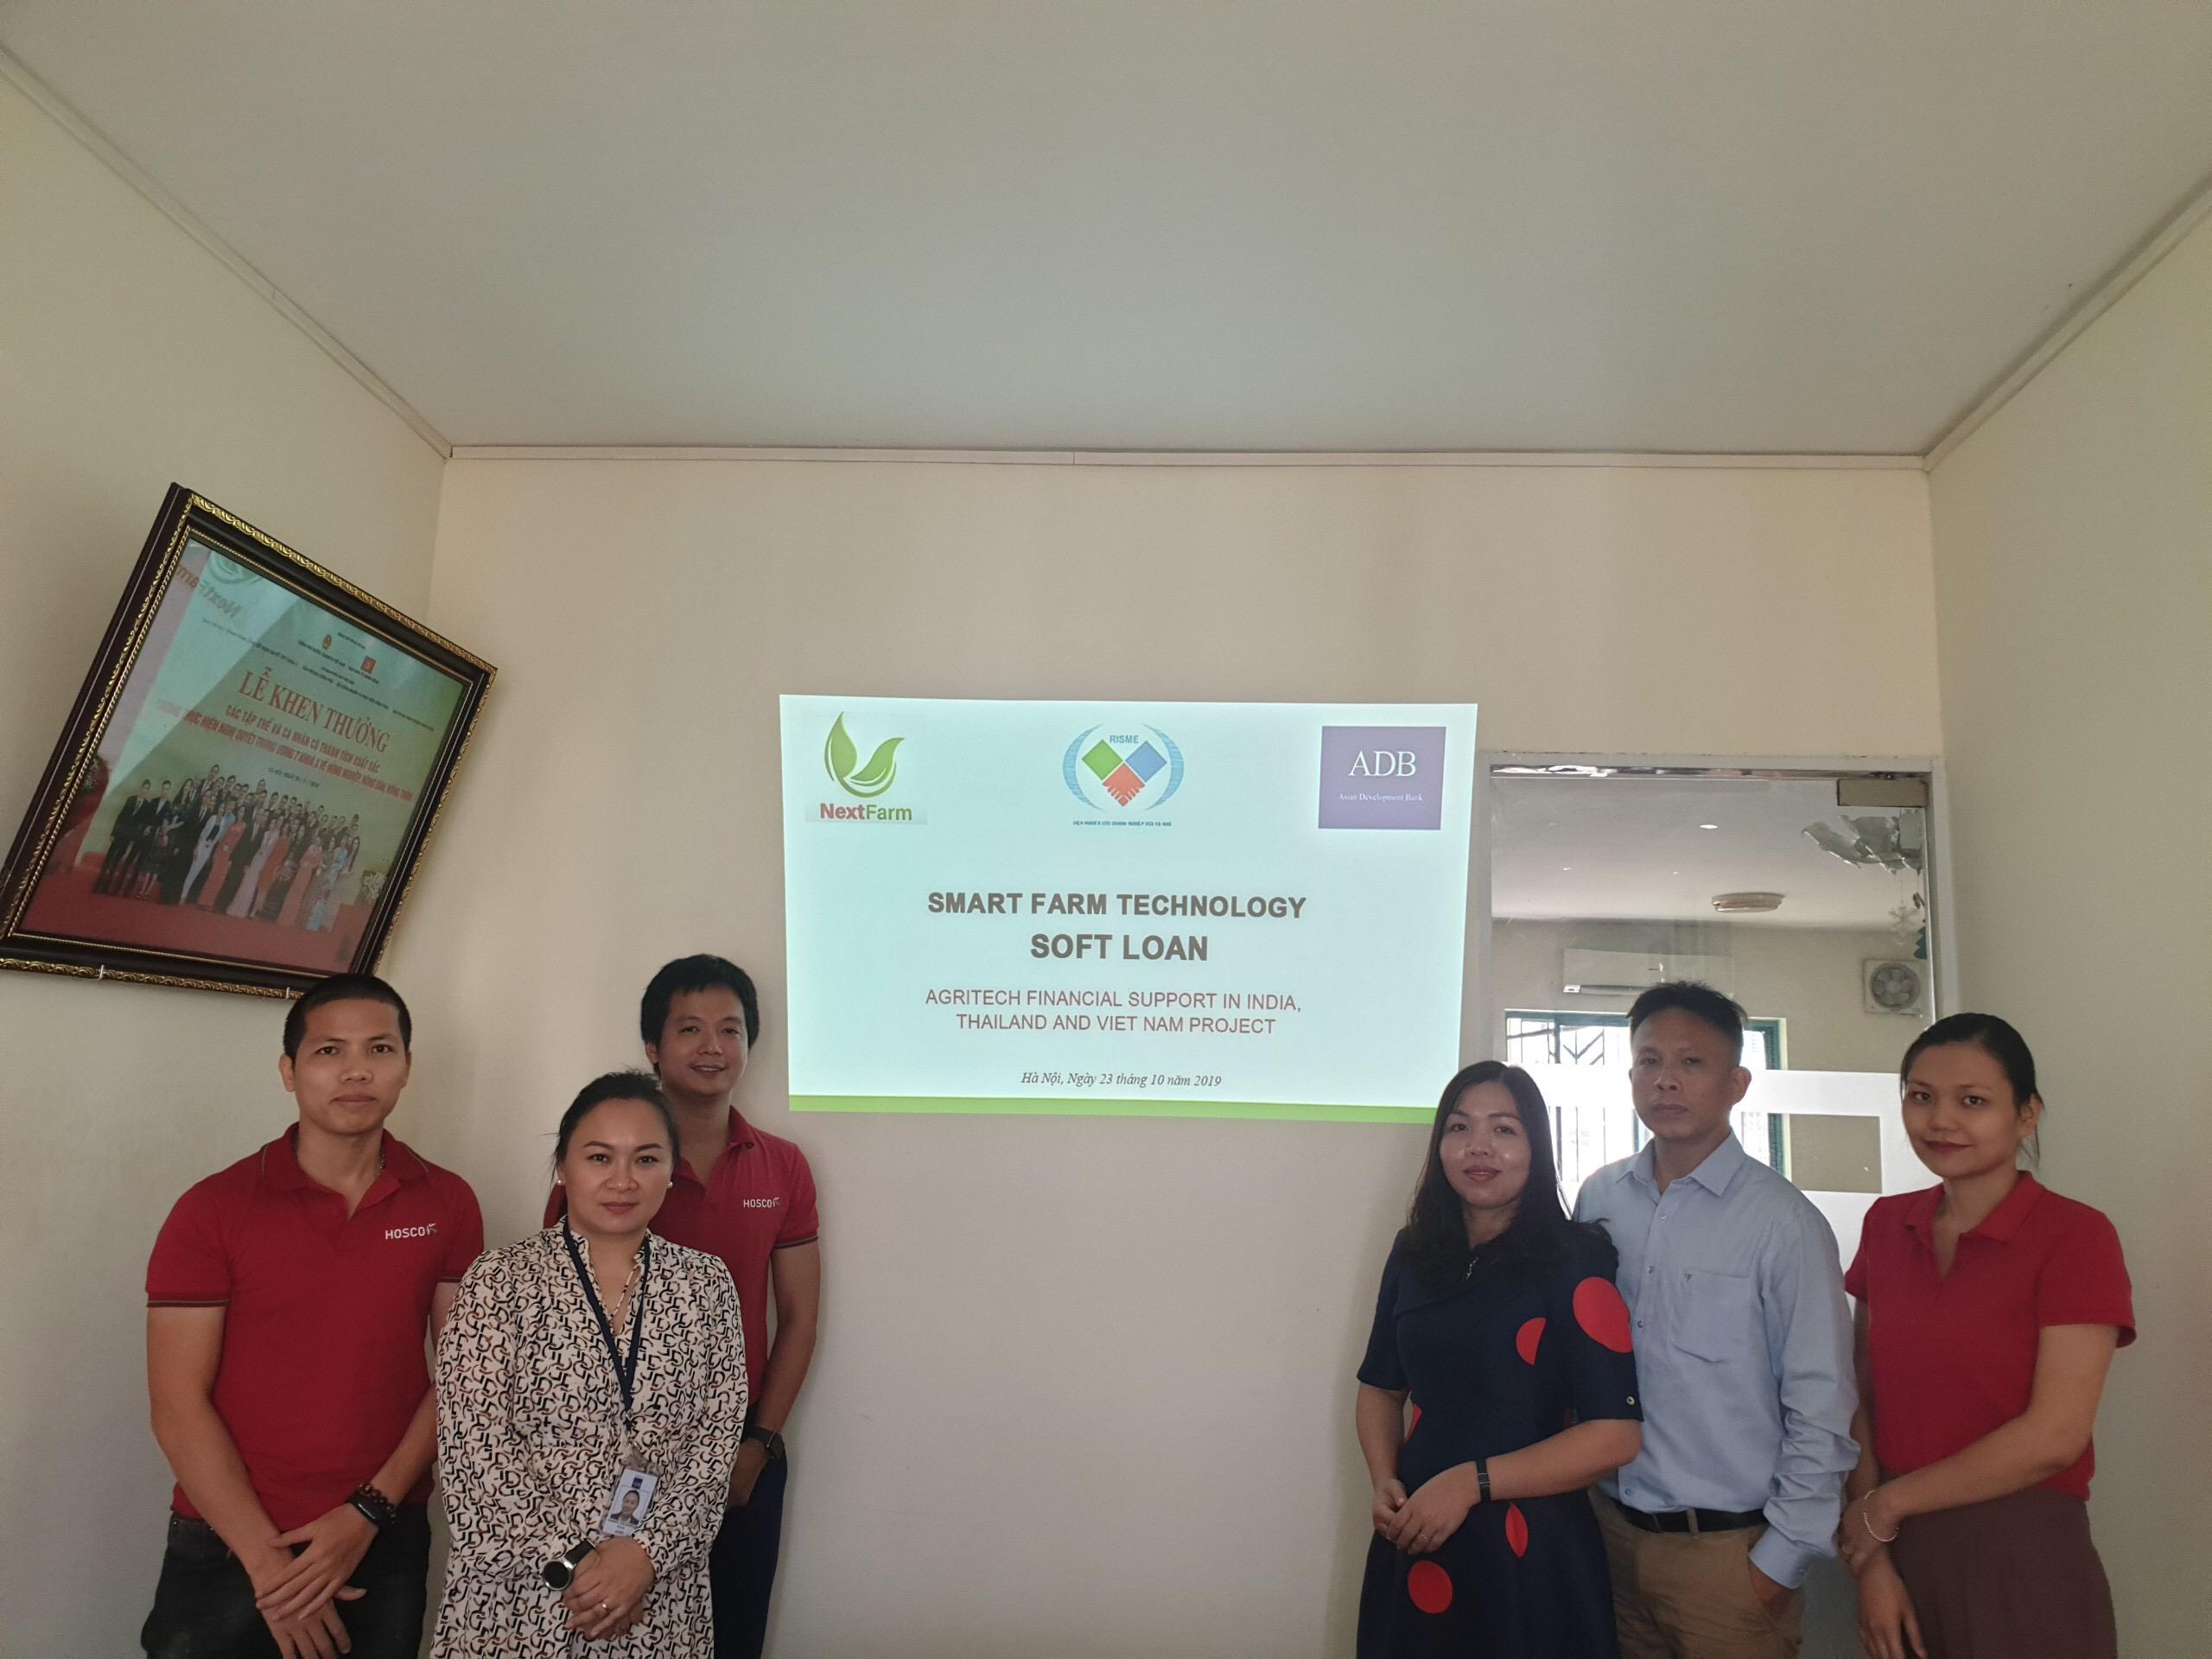 Nextfarm hợp tác với Ngân hàng Phát triển Châu Á (ADP) trong dự án Tài chính và Tăng trưởng cho dự án tiêu biểu công nghệ Nông nghiệp thông minh tại Ấn Độ, Việt Nam và Thái lan qua sự giới thiệu Viện Risme